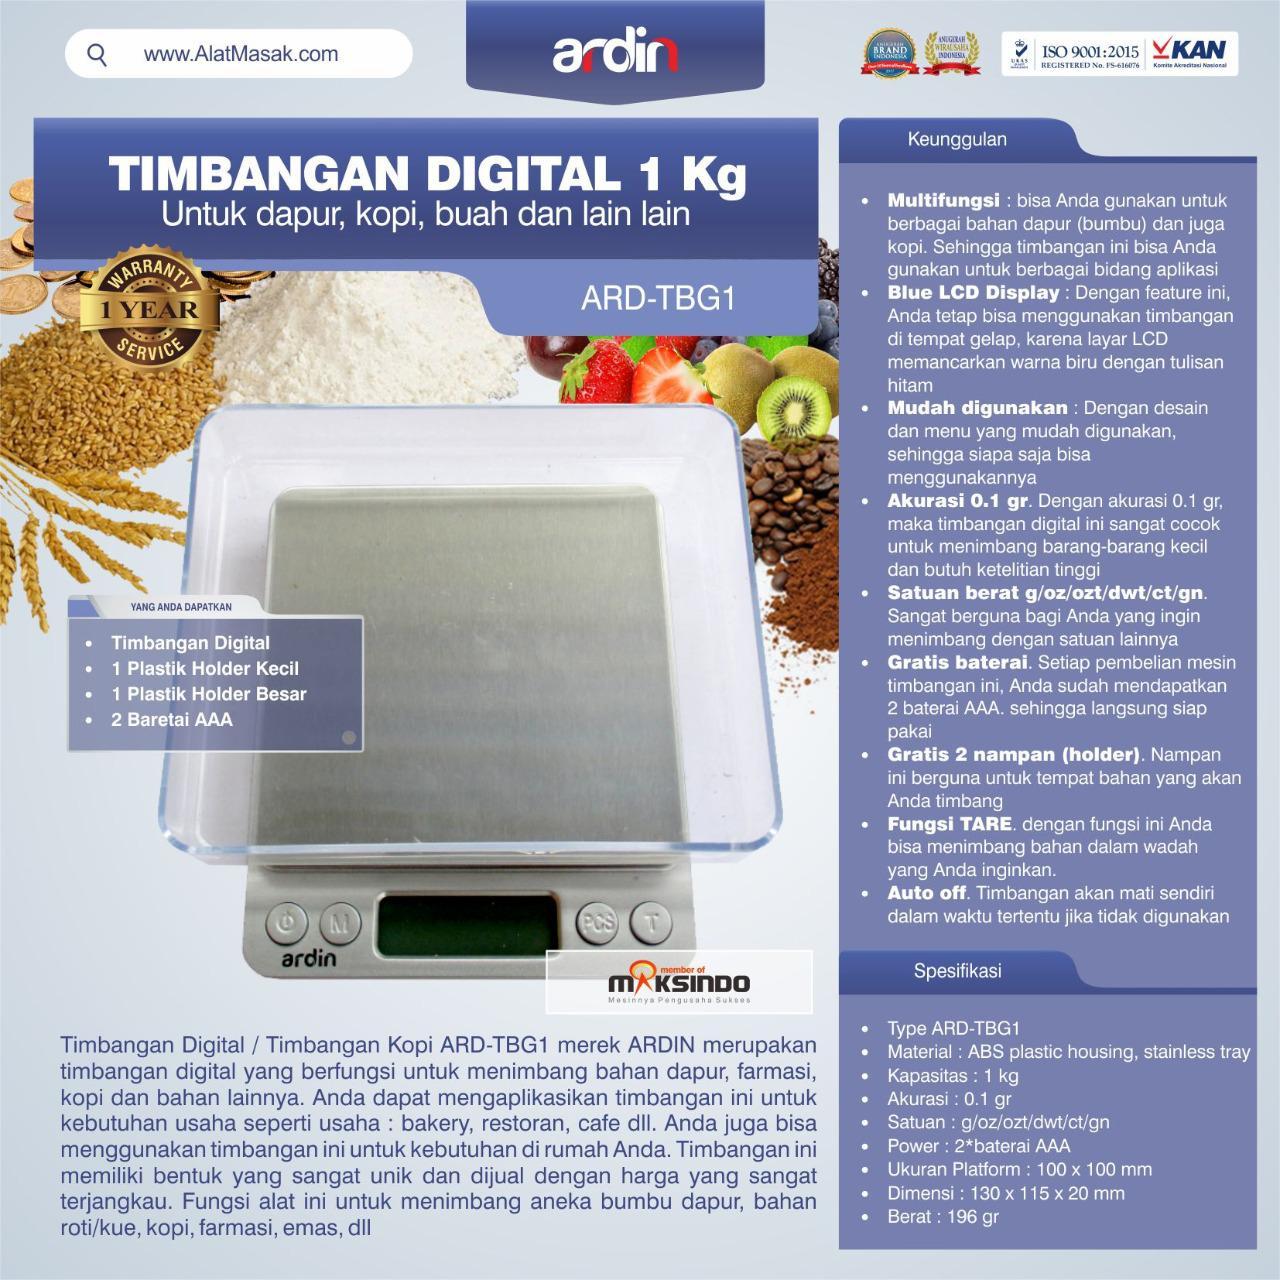 Jual Timbangan Digital Dapur 1 kg / Timbangan Kopi ARD-TBG1 di Tangerang